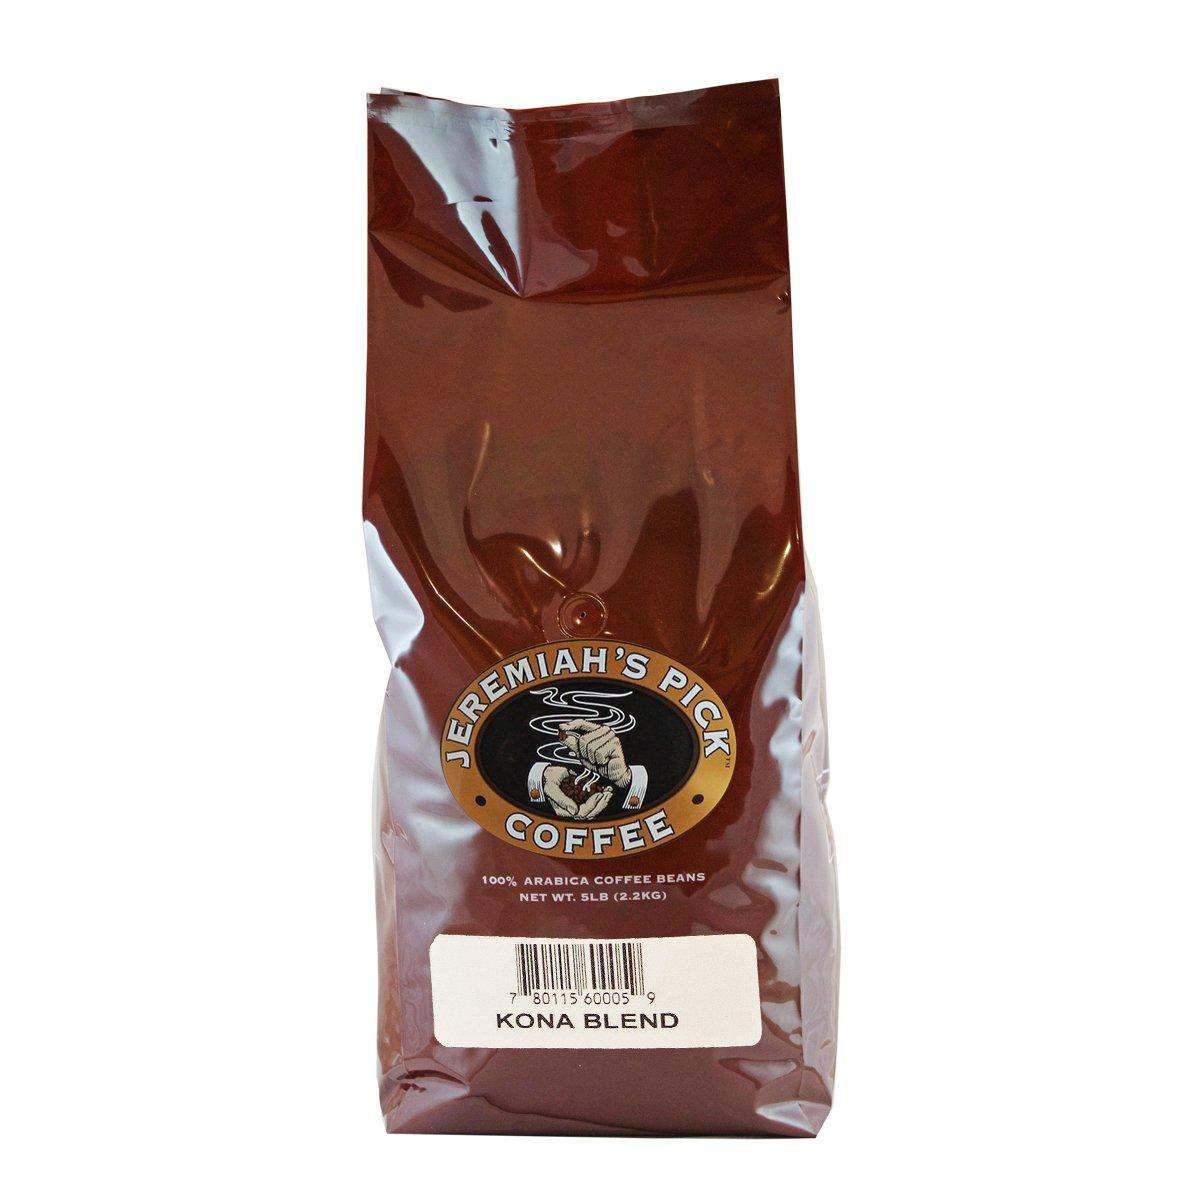 Jeremiah's Pick Coffee Kona Blend, Whole Bean Coffee, 5-Pound Bag